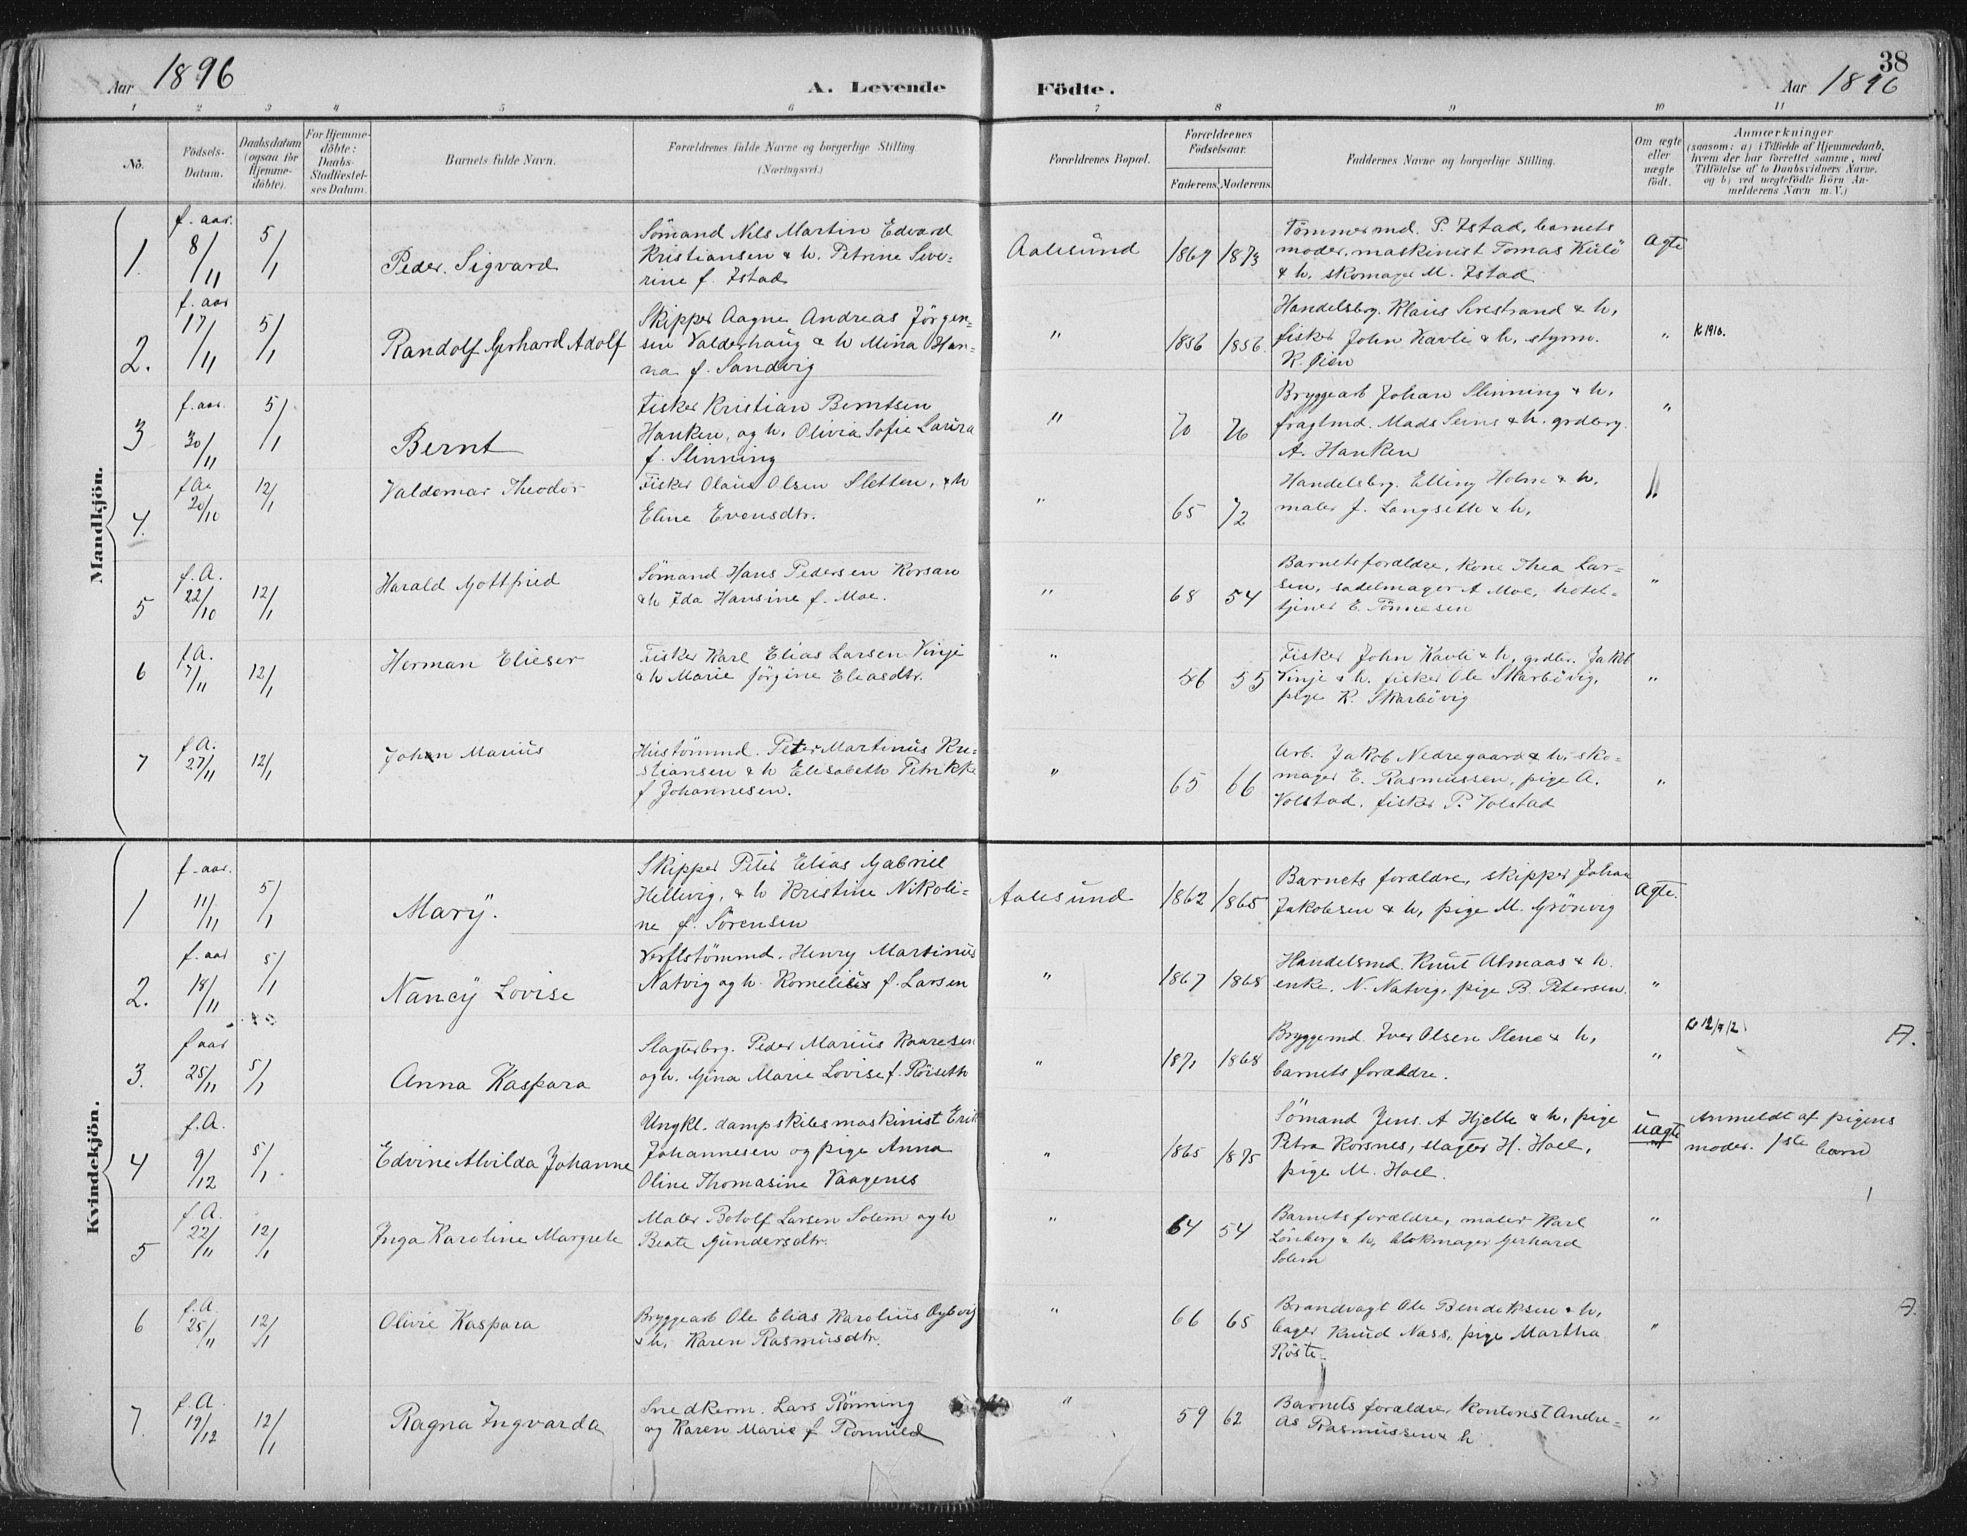 SAT, Ministerialprotokoller, klokkerbøker og fødselsregistre - Møre og Romsdal, 529/L0456: Ministerialbok nr. 529A06, 1894-1906, s. 38